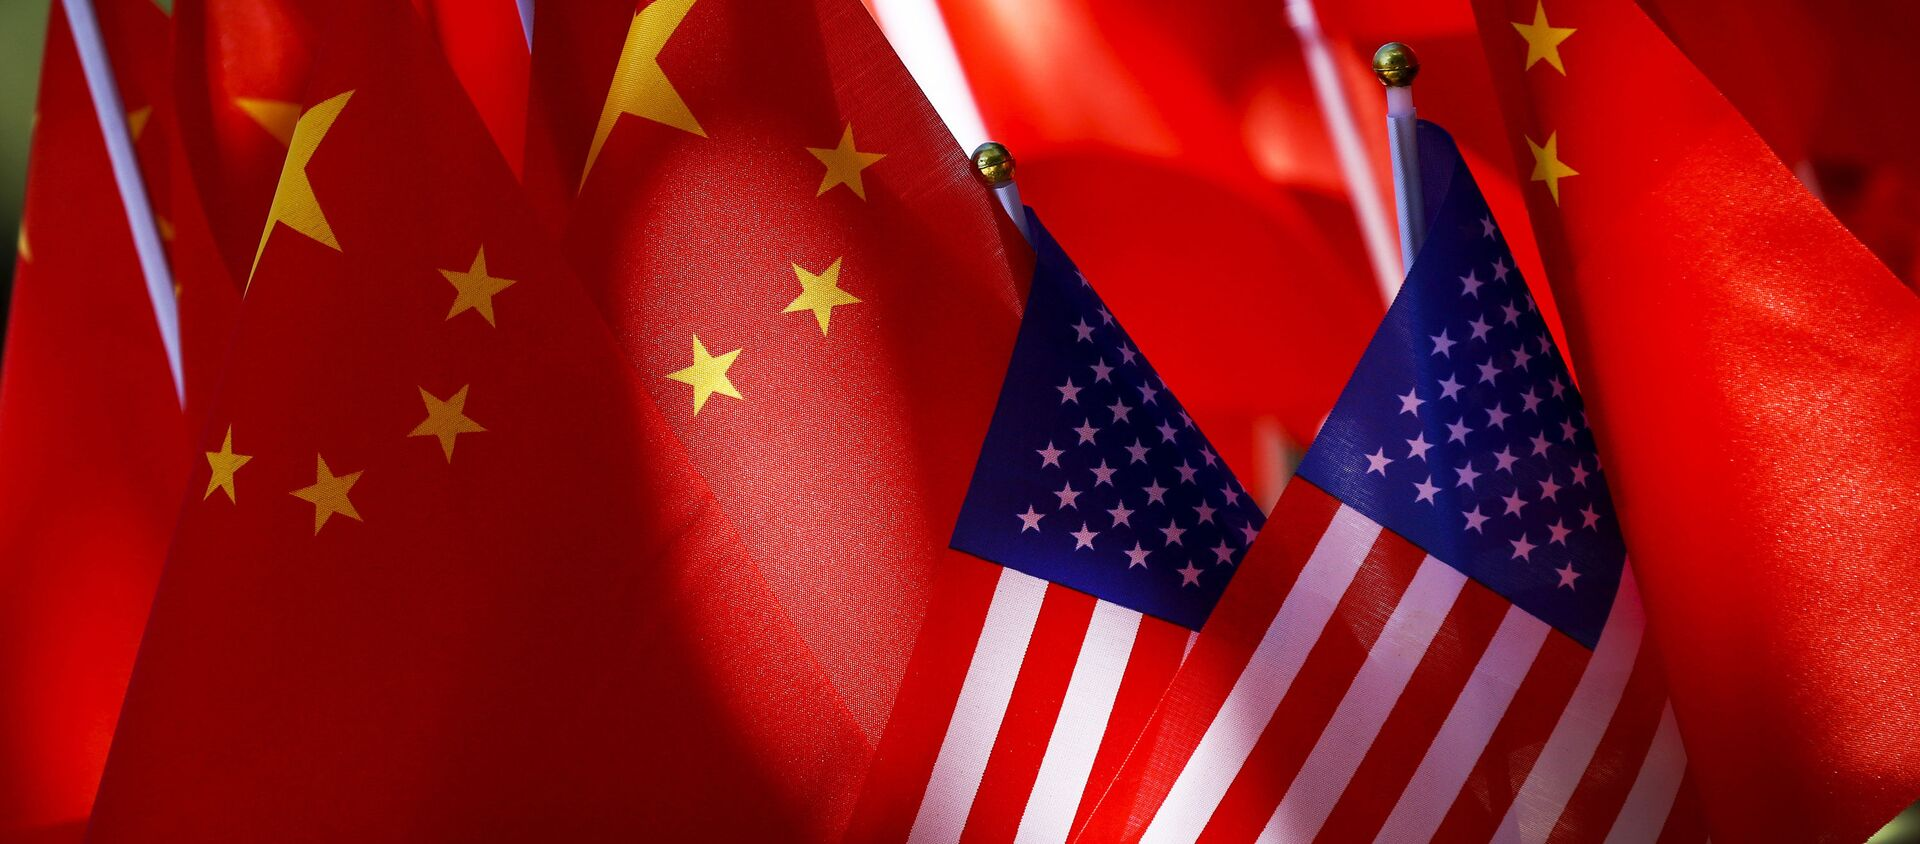 Флаги США и Китая - Sputnik Абхазия, 1920, 05.10.2020